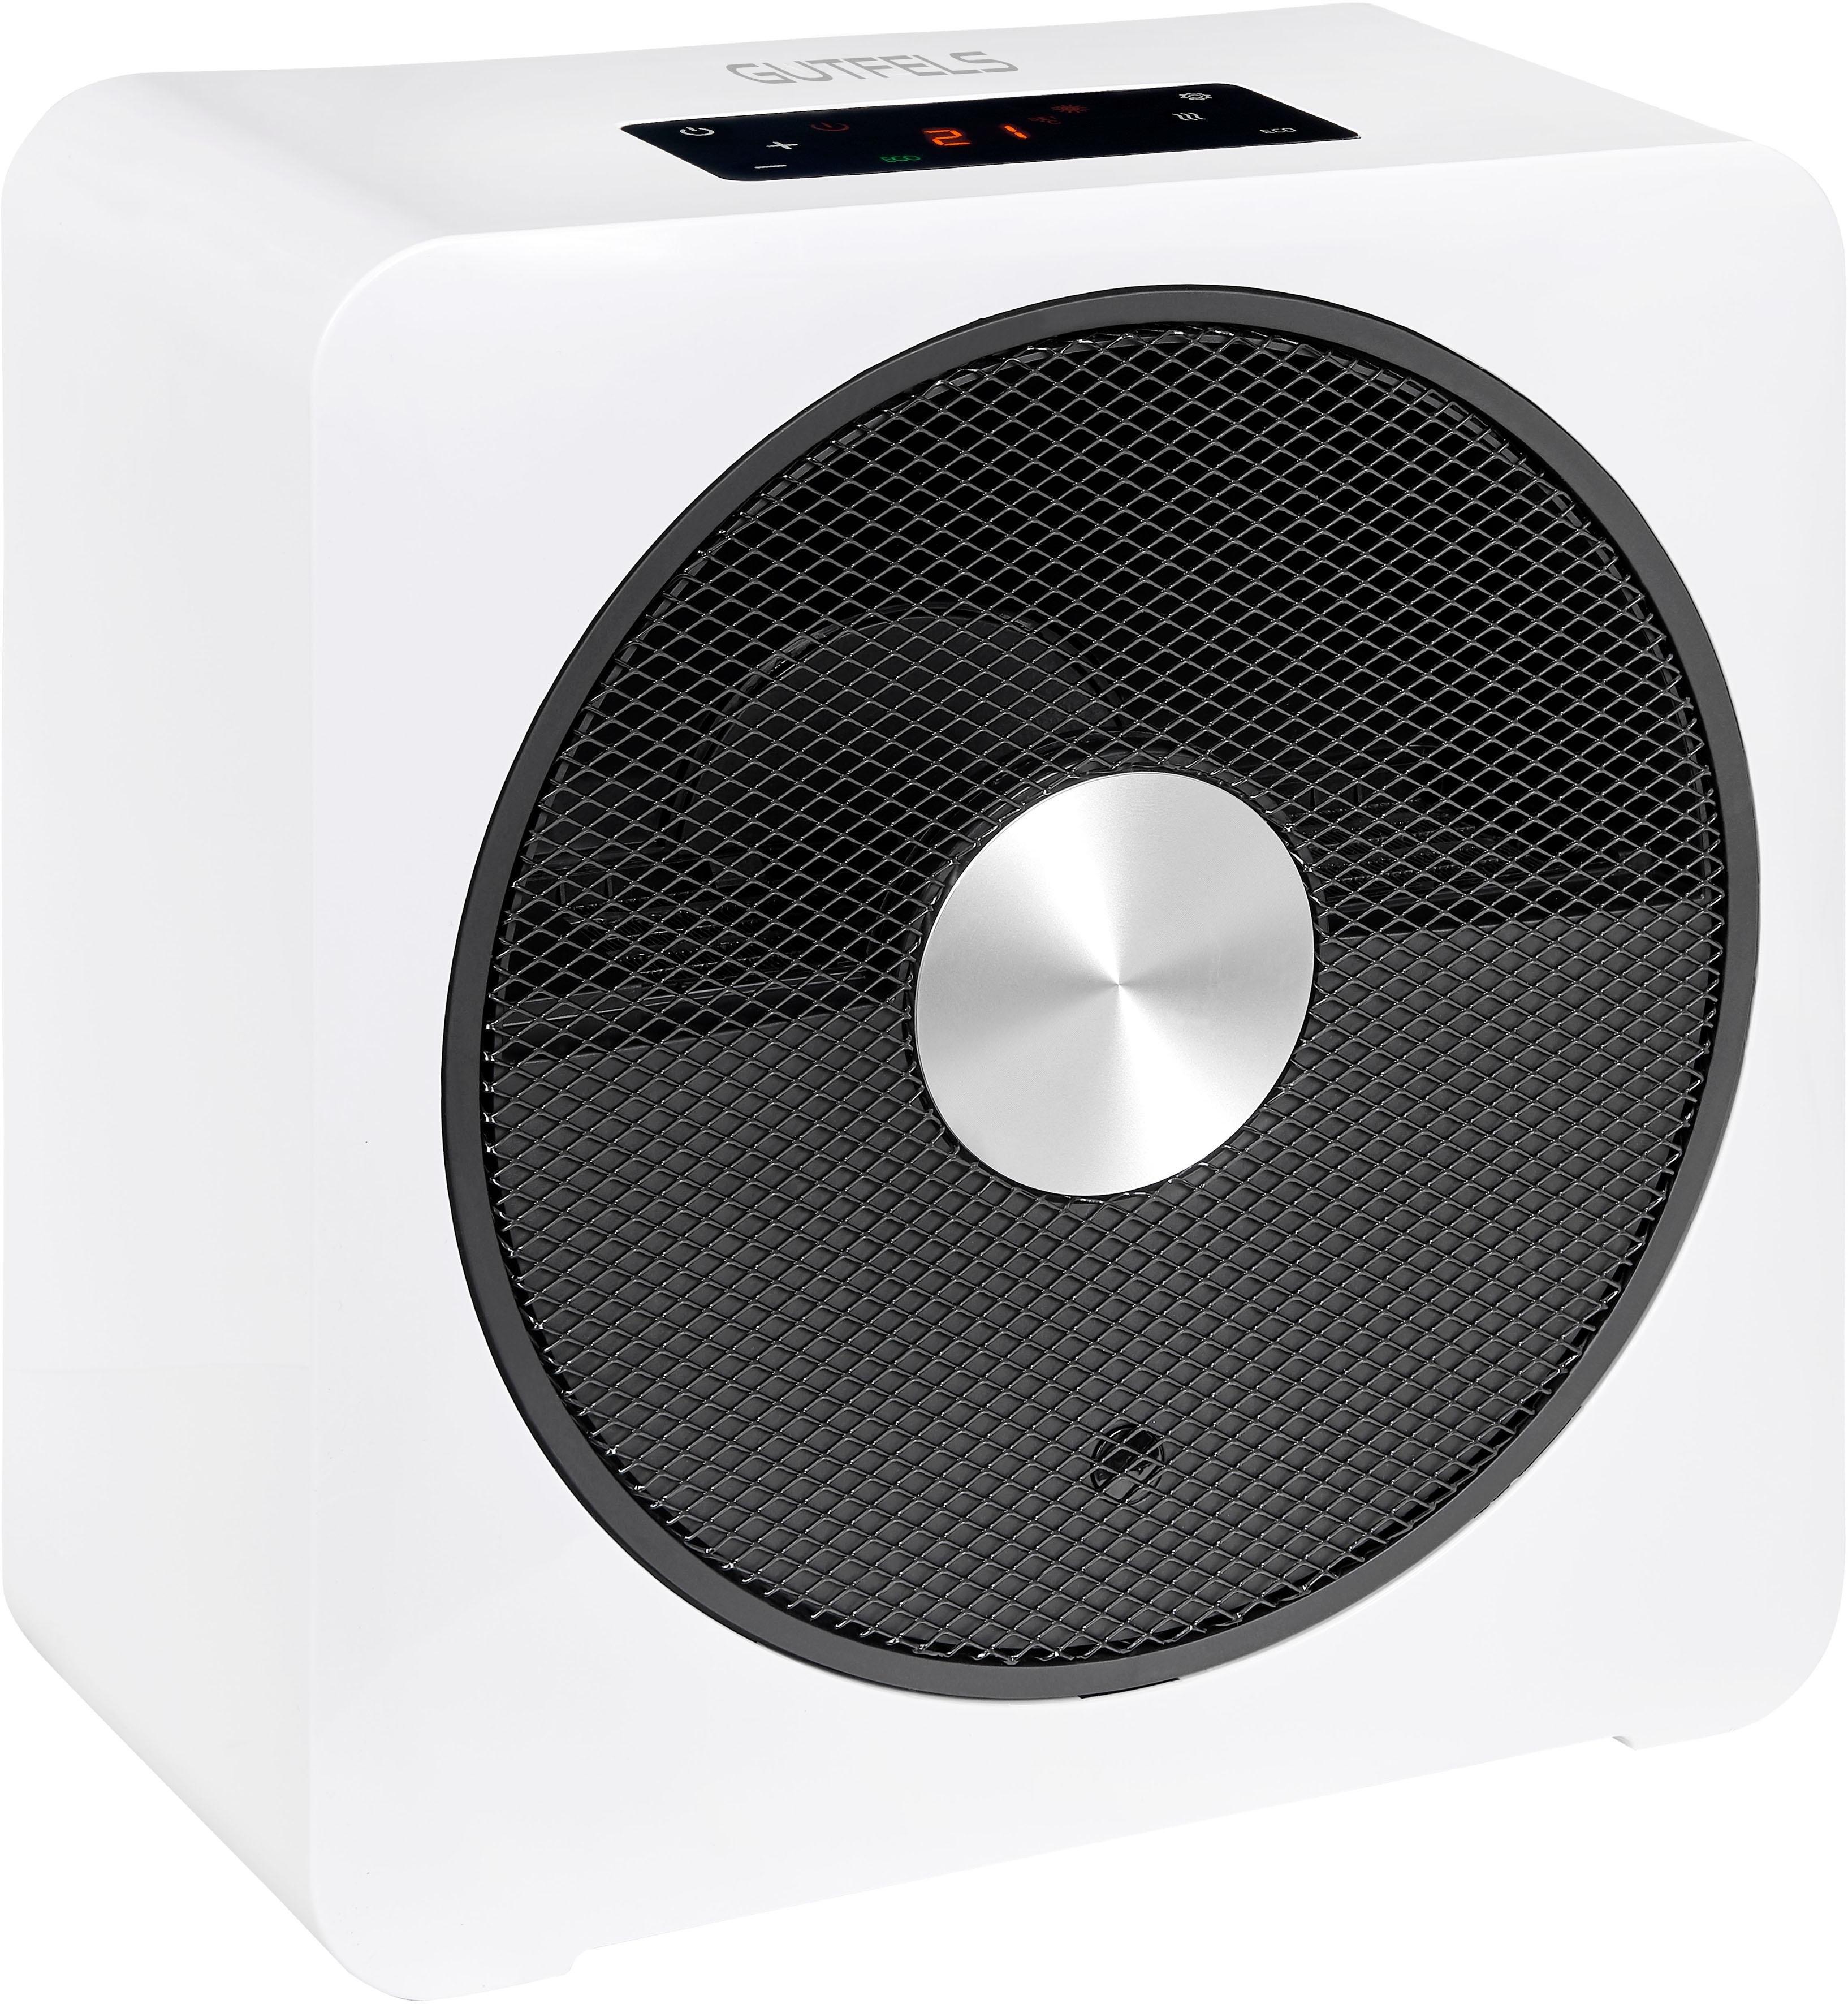 Gutfels keramische ventilatorkachel HL 82516 we nu online bestellen